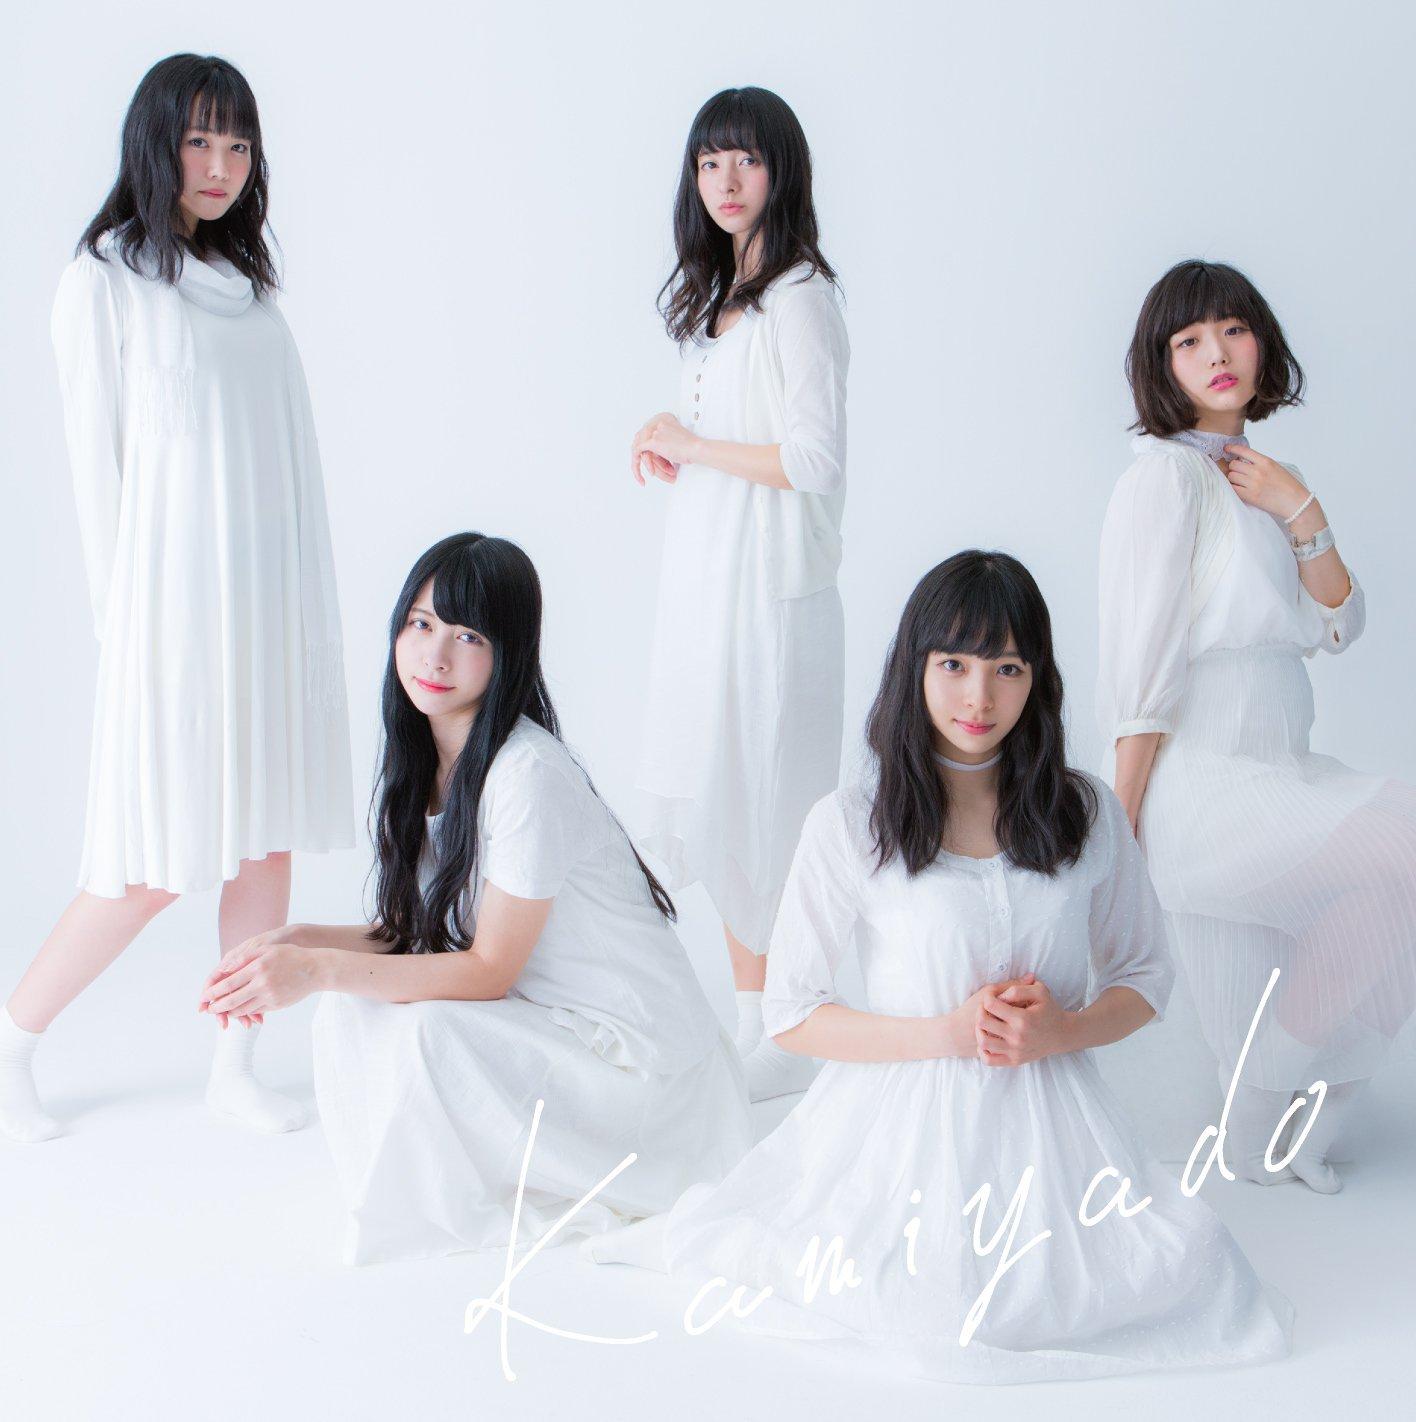 20180528.0809.06 Kamiyado - Harajuku Chaku! Kamiyado Desu cover.jpg